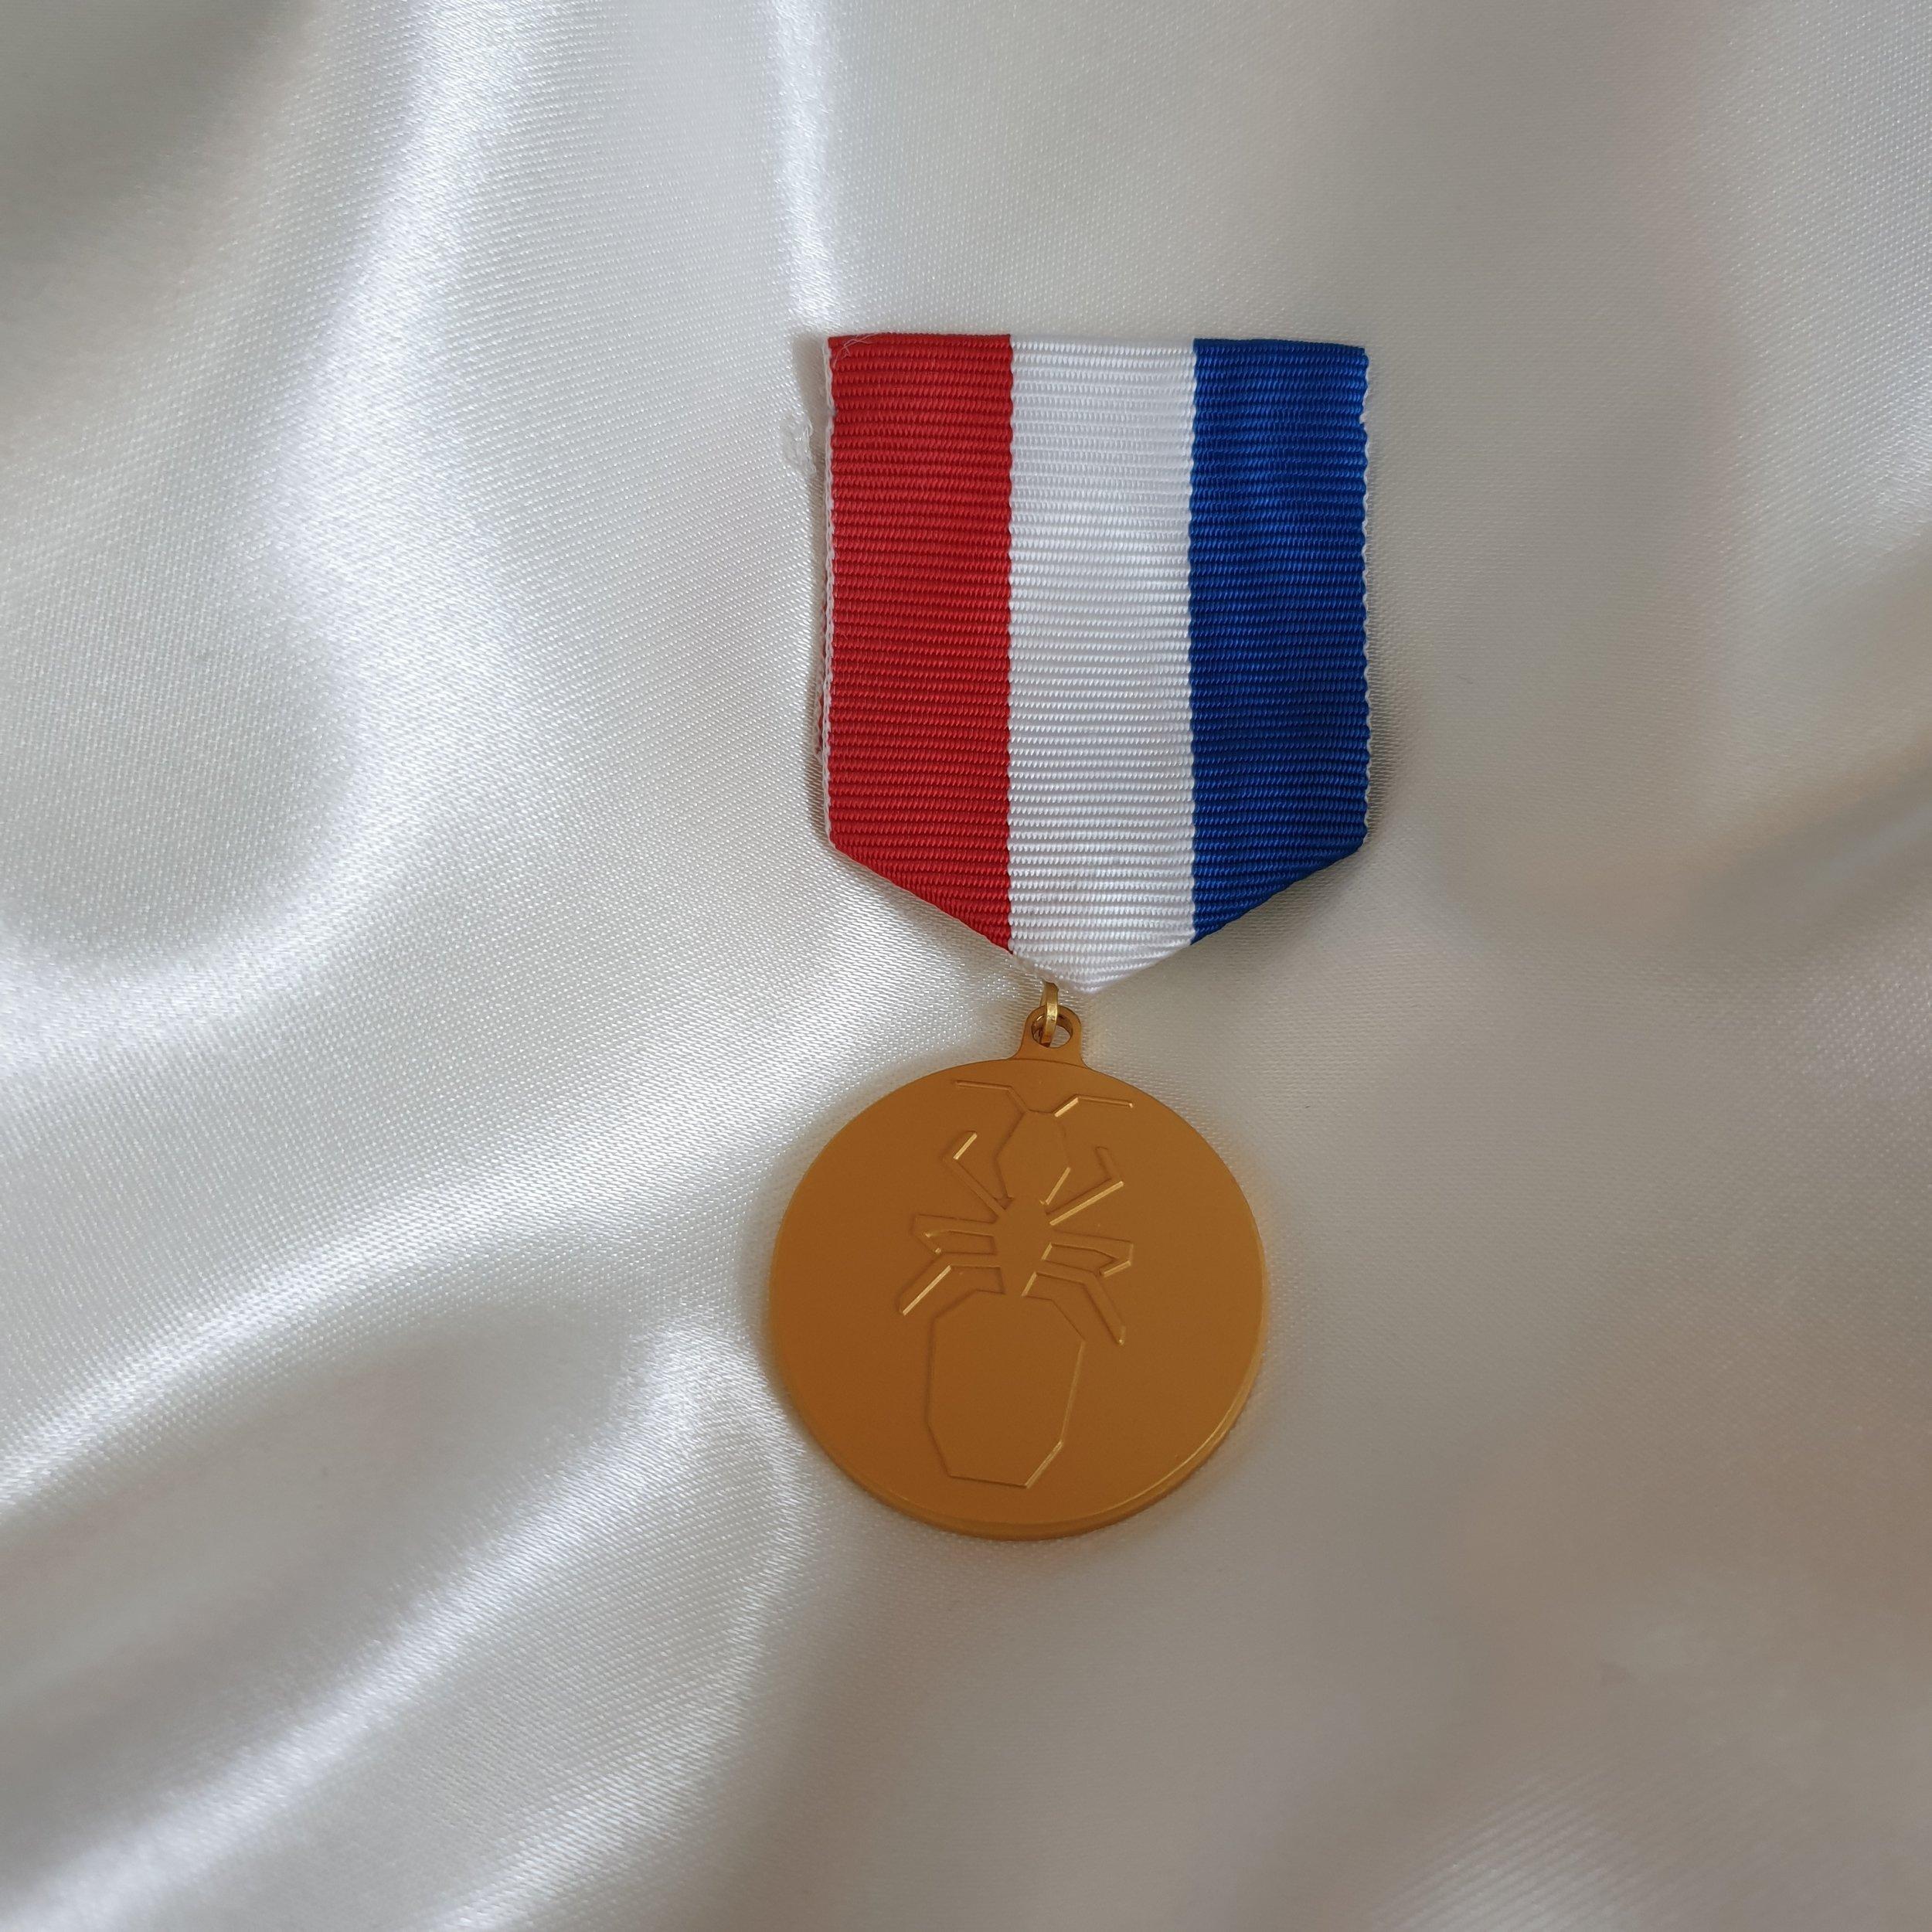 STYRELSEMEDALJEN  bärs av styrelseledamöter. I vissa fall bärs flera medaljer och varje medalj representerar ett år inom styrelsen.